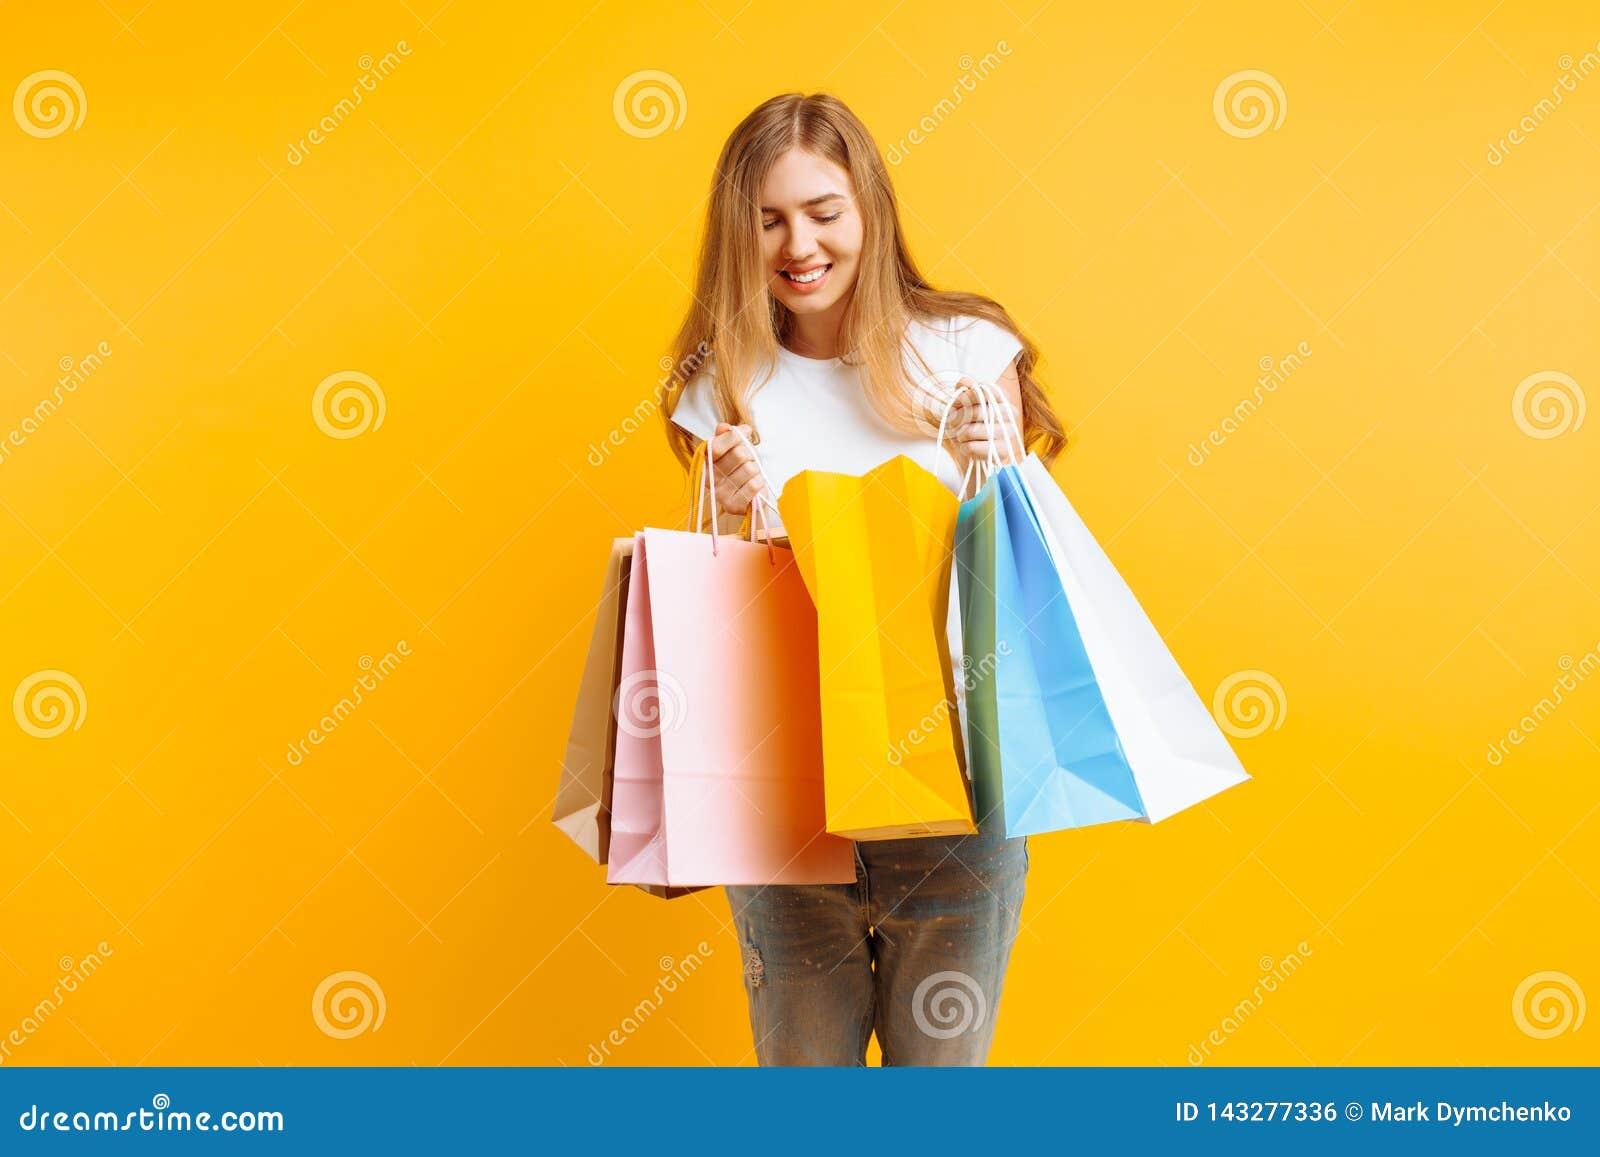 Retrato de una mujer joven curiosa, después de buenas compras, mirando dentro del bolso, aislado en un fondo amarillo